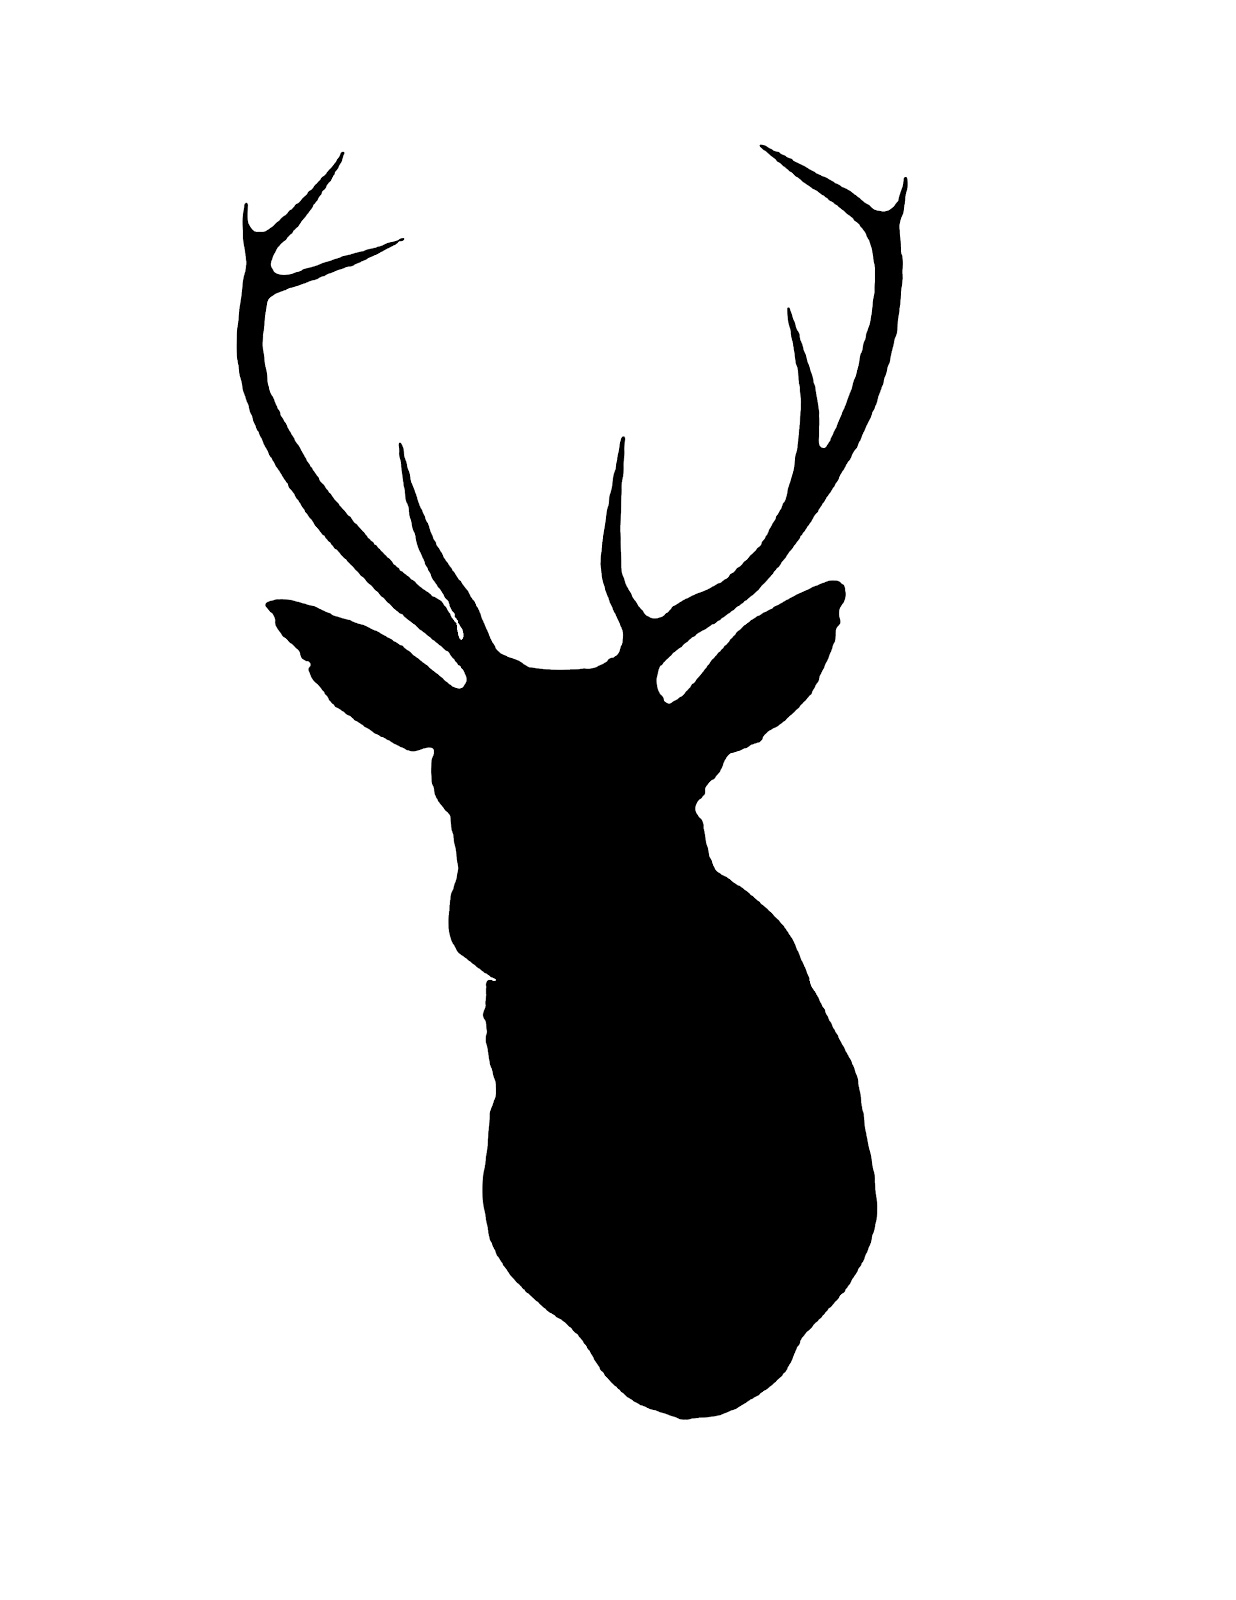 1236x1600 Deer Head Silhouette Christmas Deer Stencil, Deer